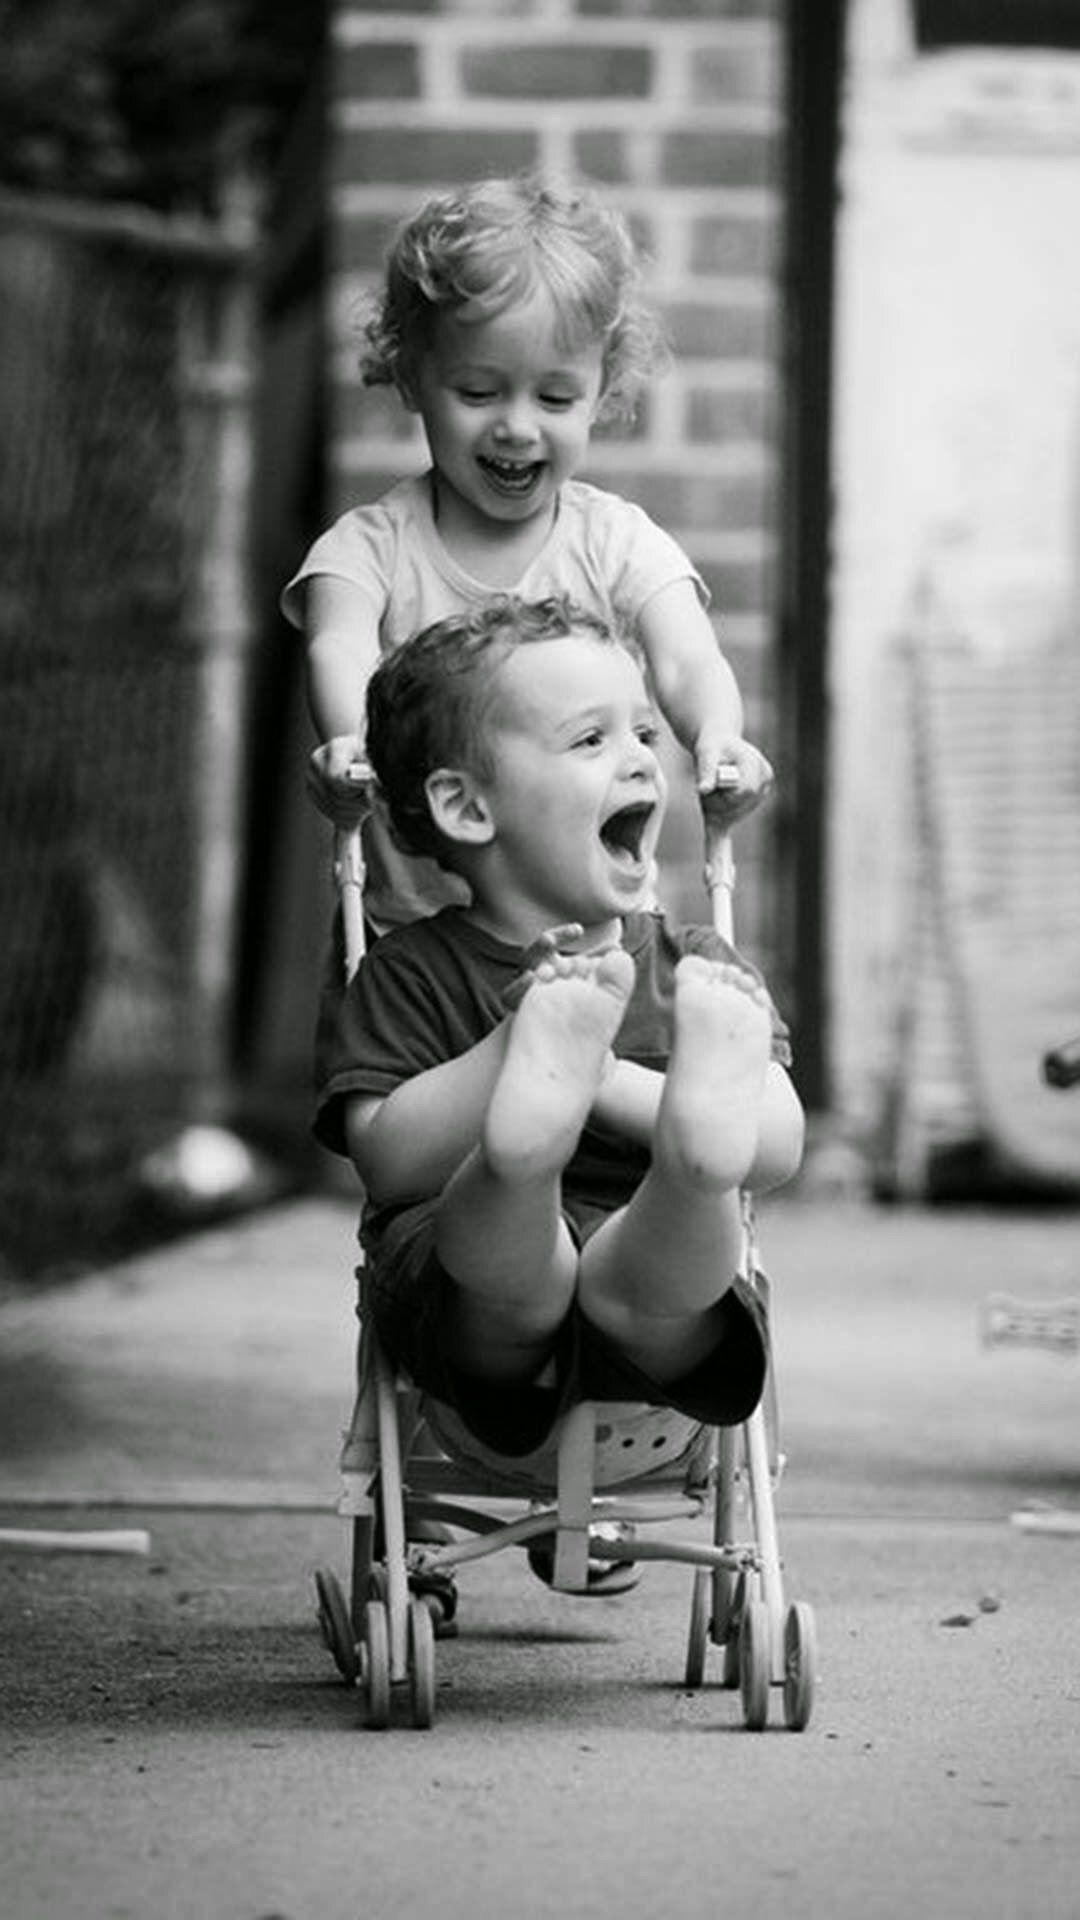 笑顔に癒やされる仲良し姉弟 Iphone壁紙 ただひたすらiphoneの壁紙が集まるサイト 美しい子供たち モノクロフォト ハッピーな人たち